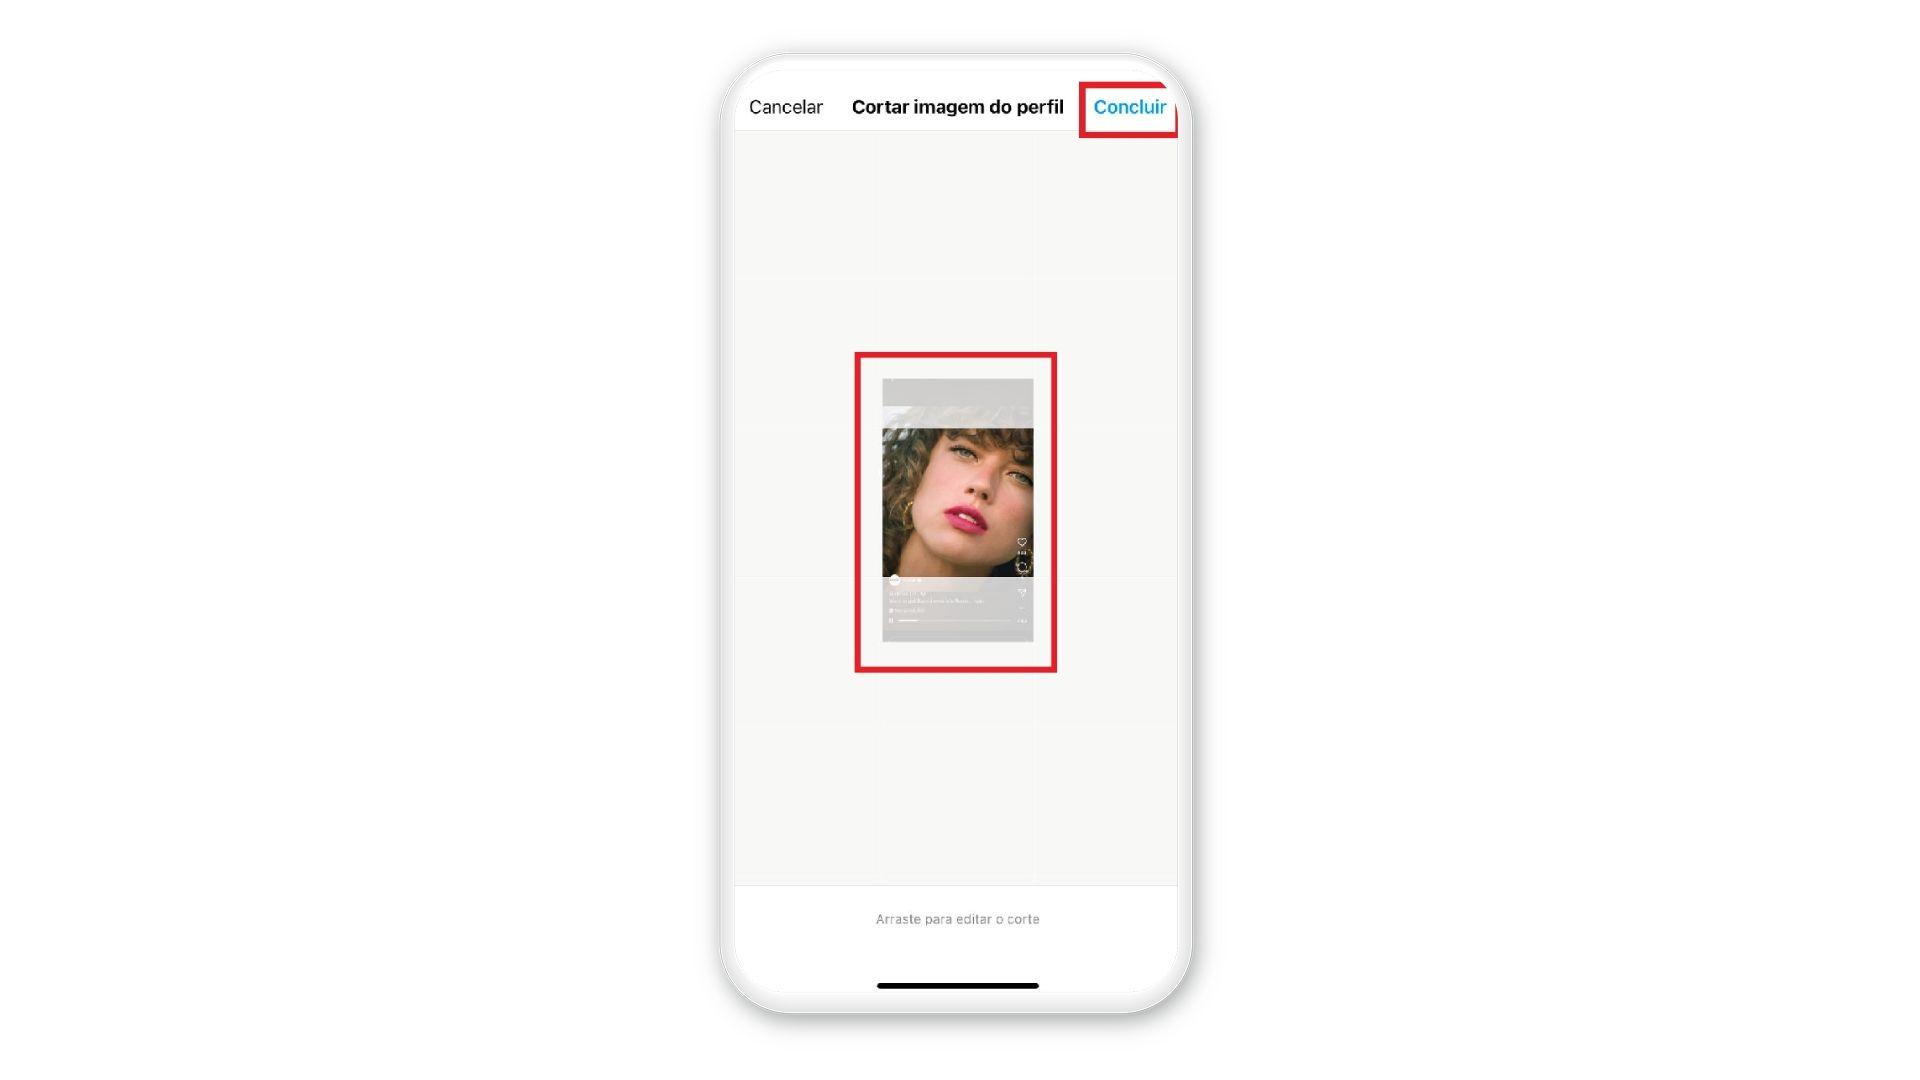 """Print mostra opção de """"Concluir"""" depois de corta imagem de capa em tela de celular em fundo branco"""